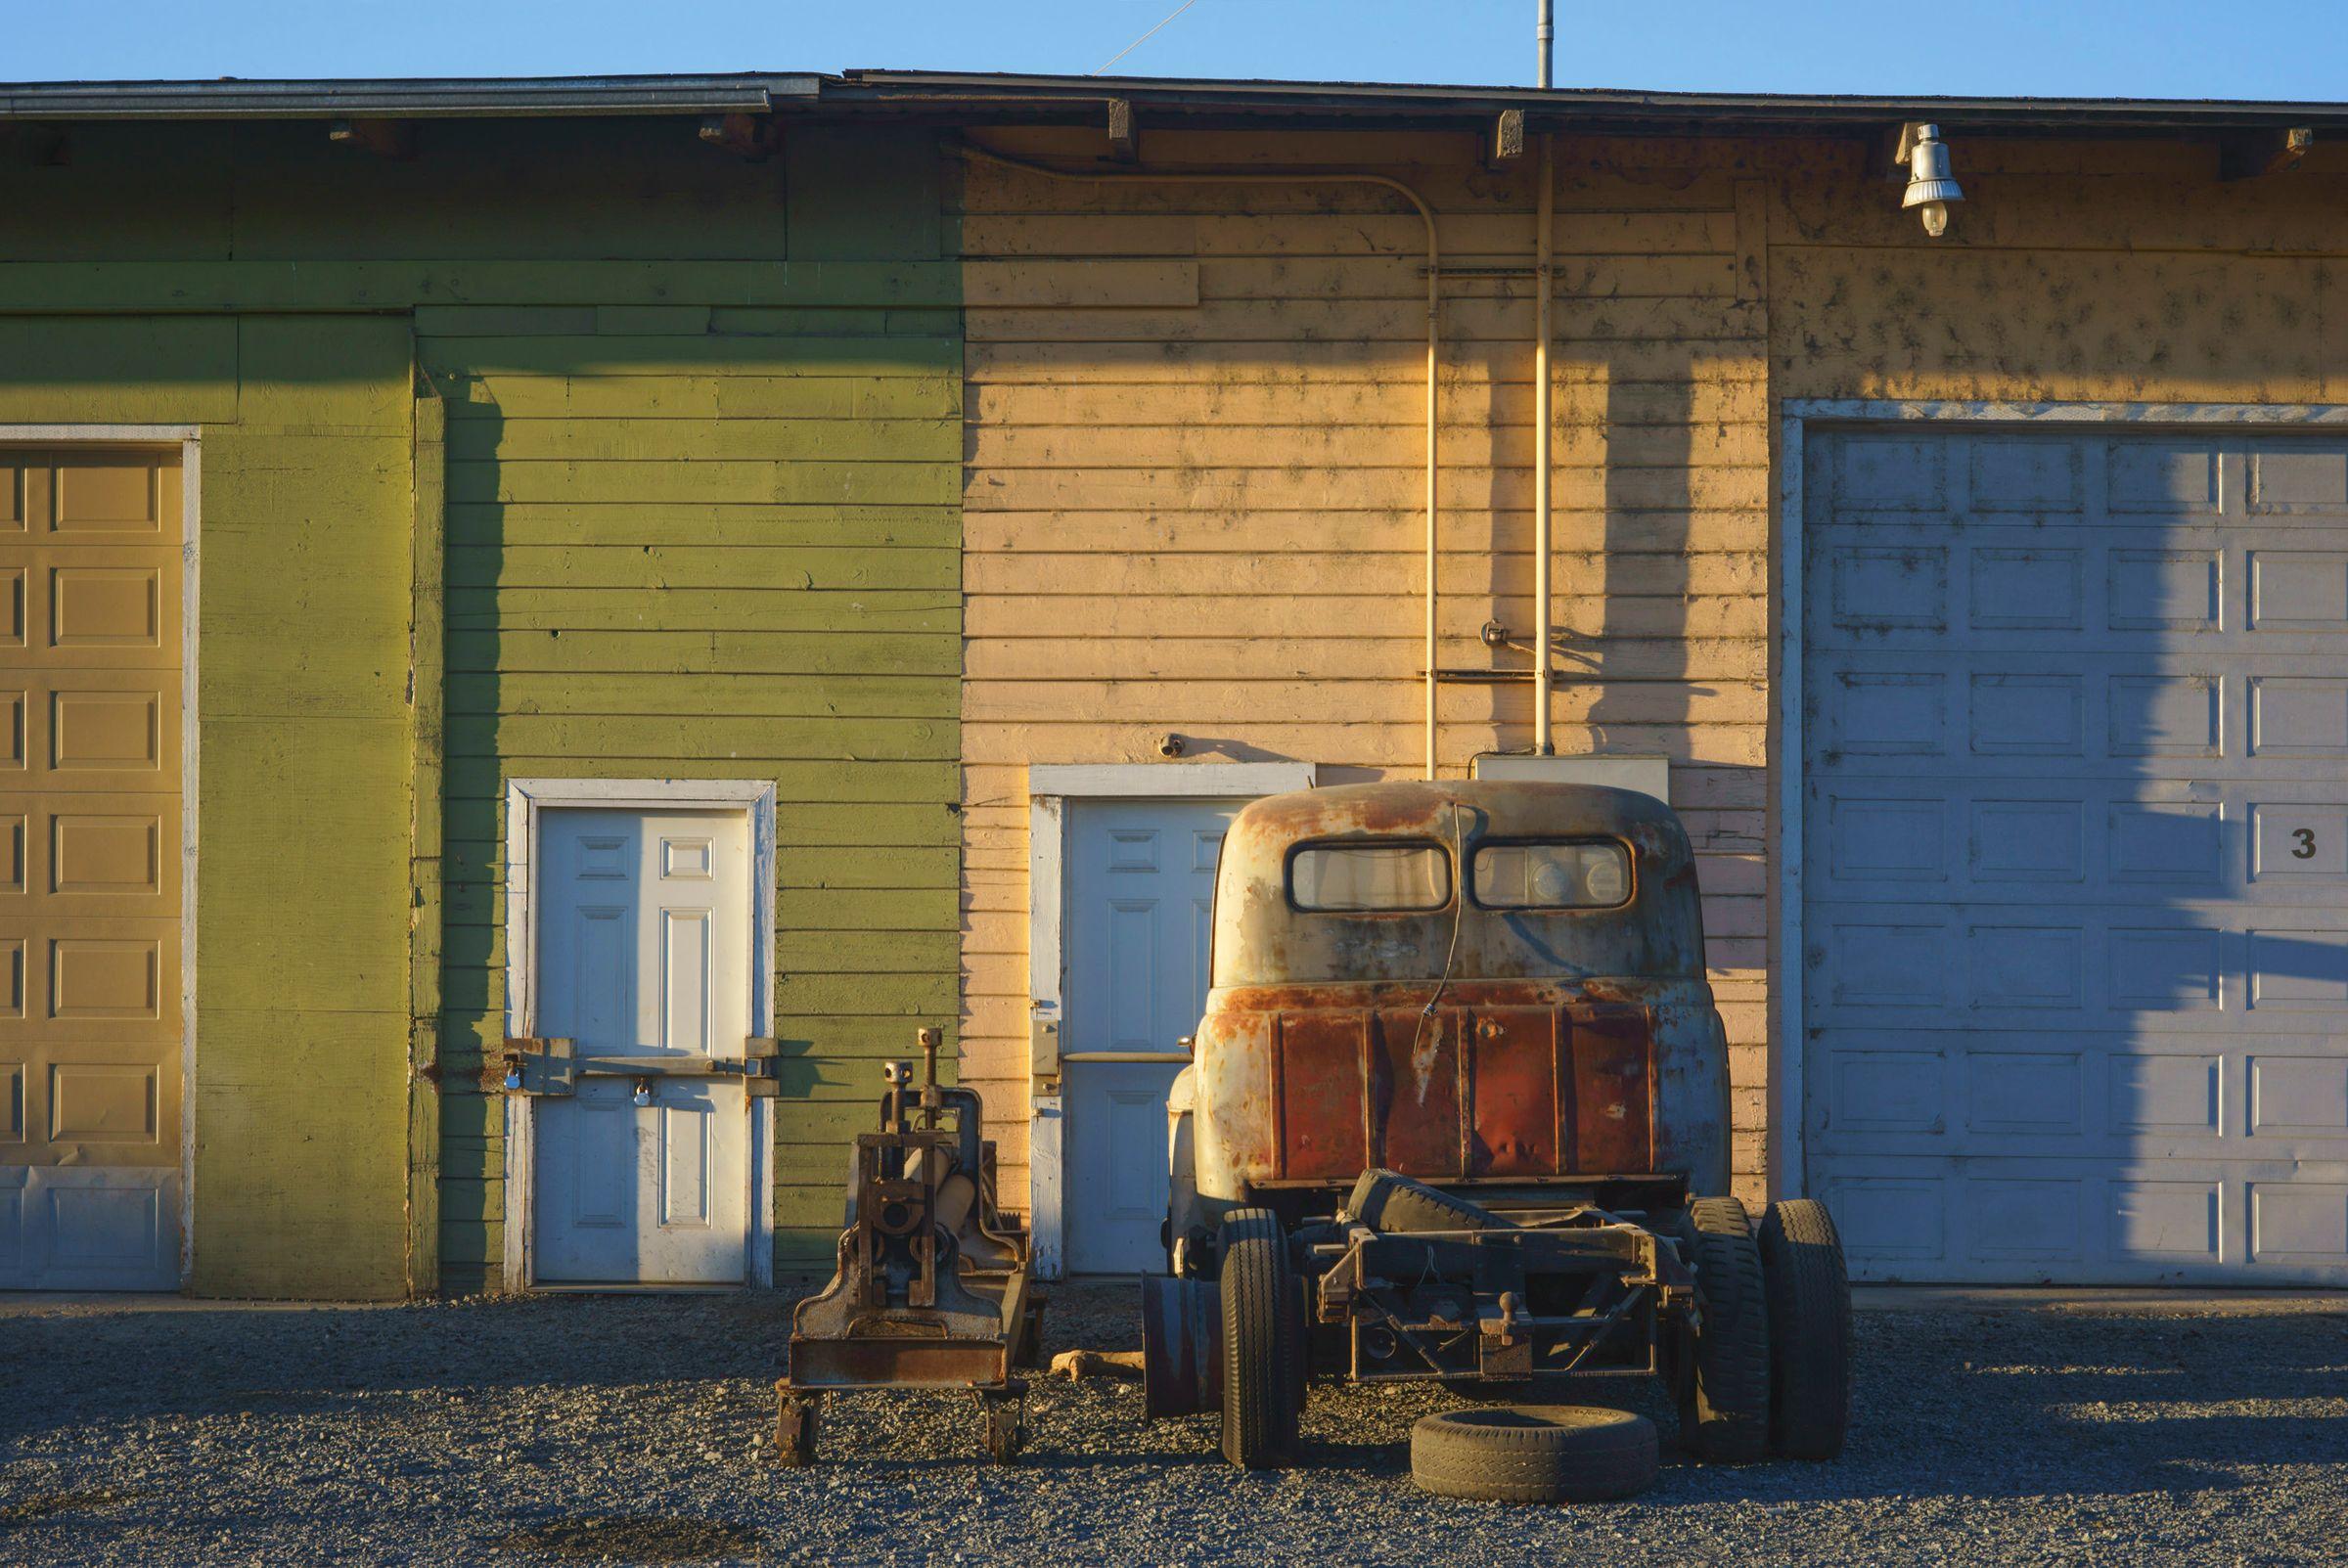 Truck Cab, Oregon